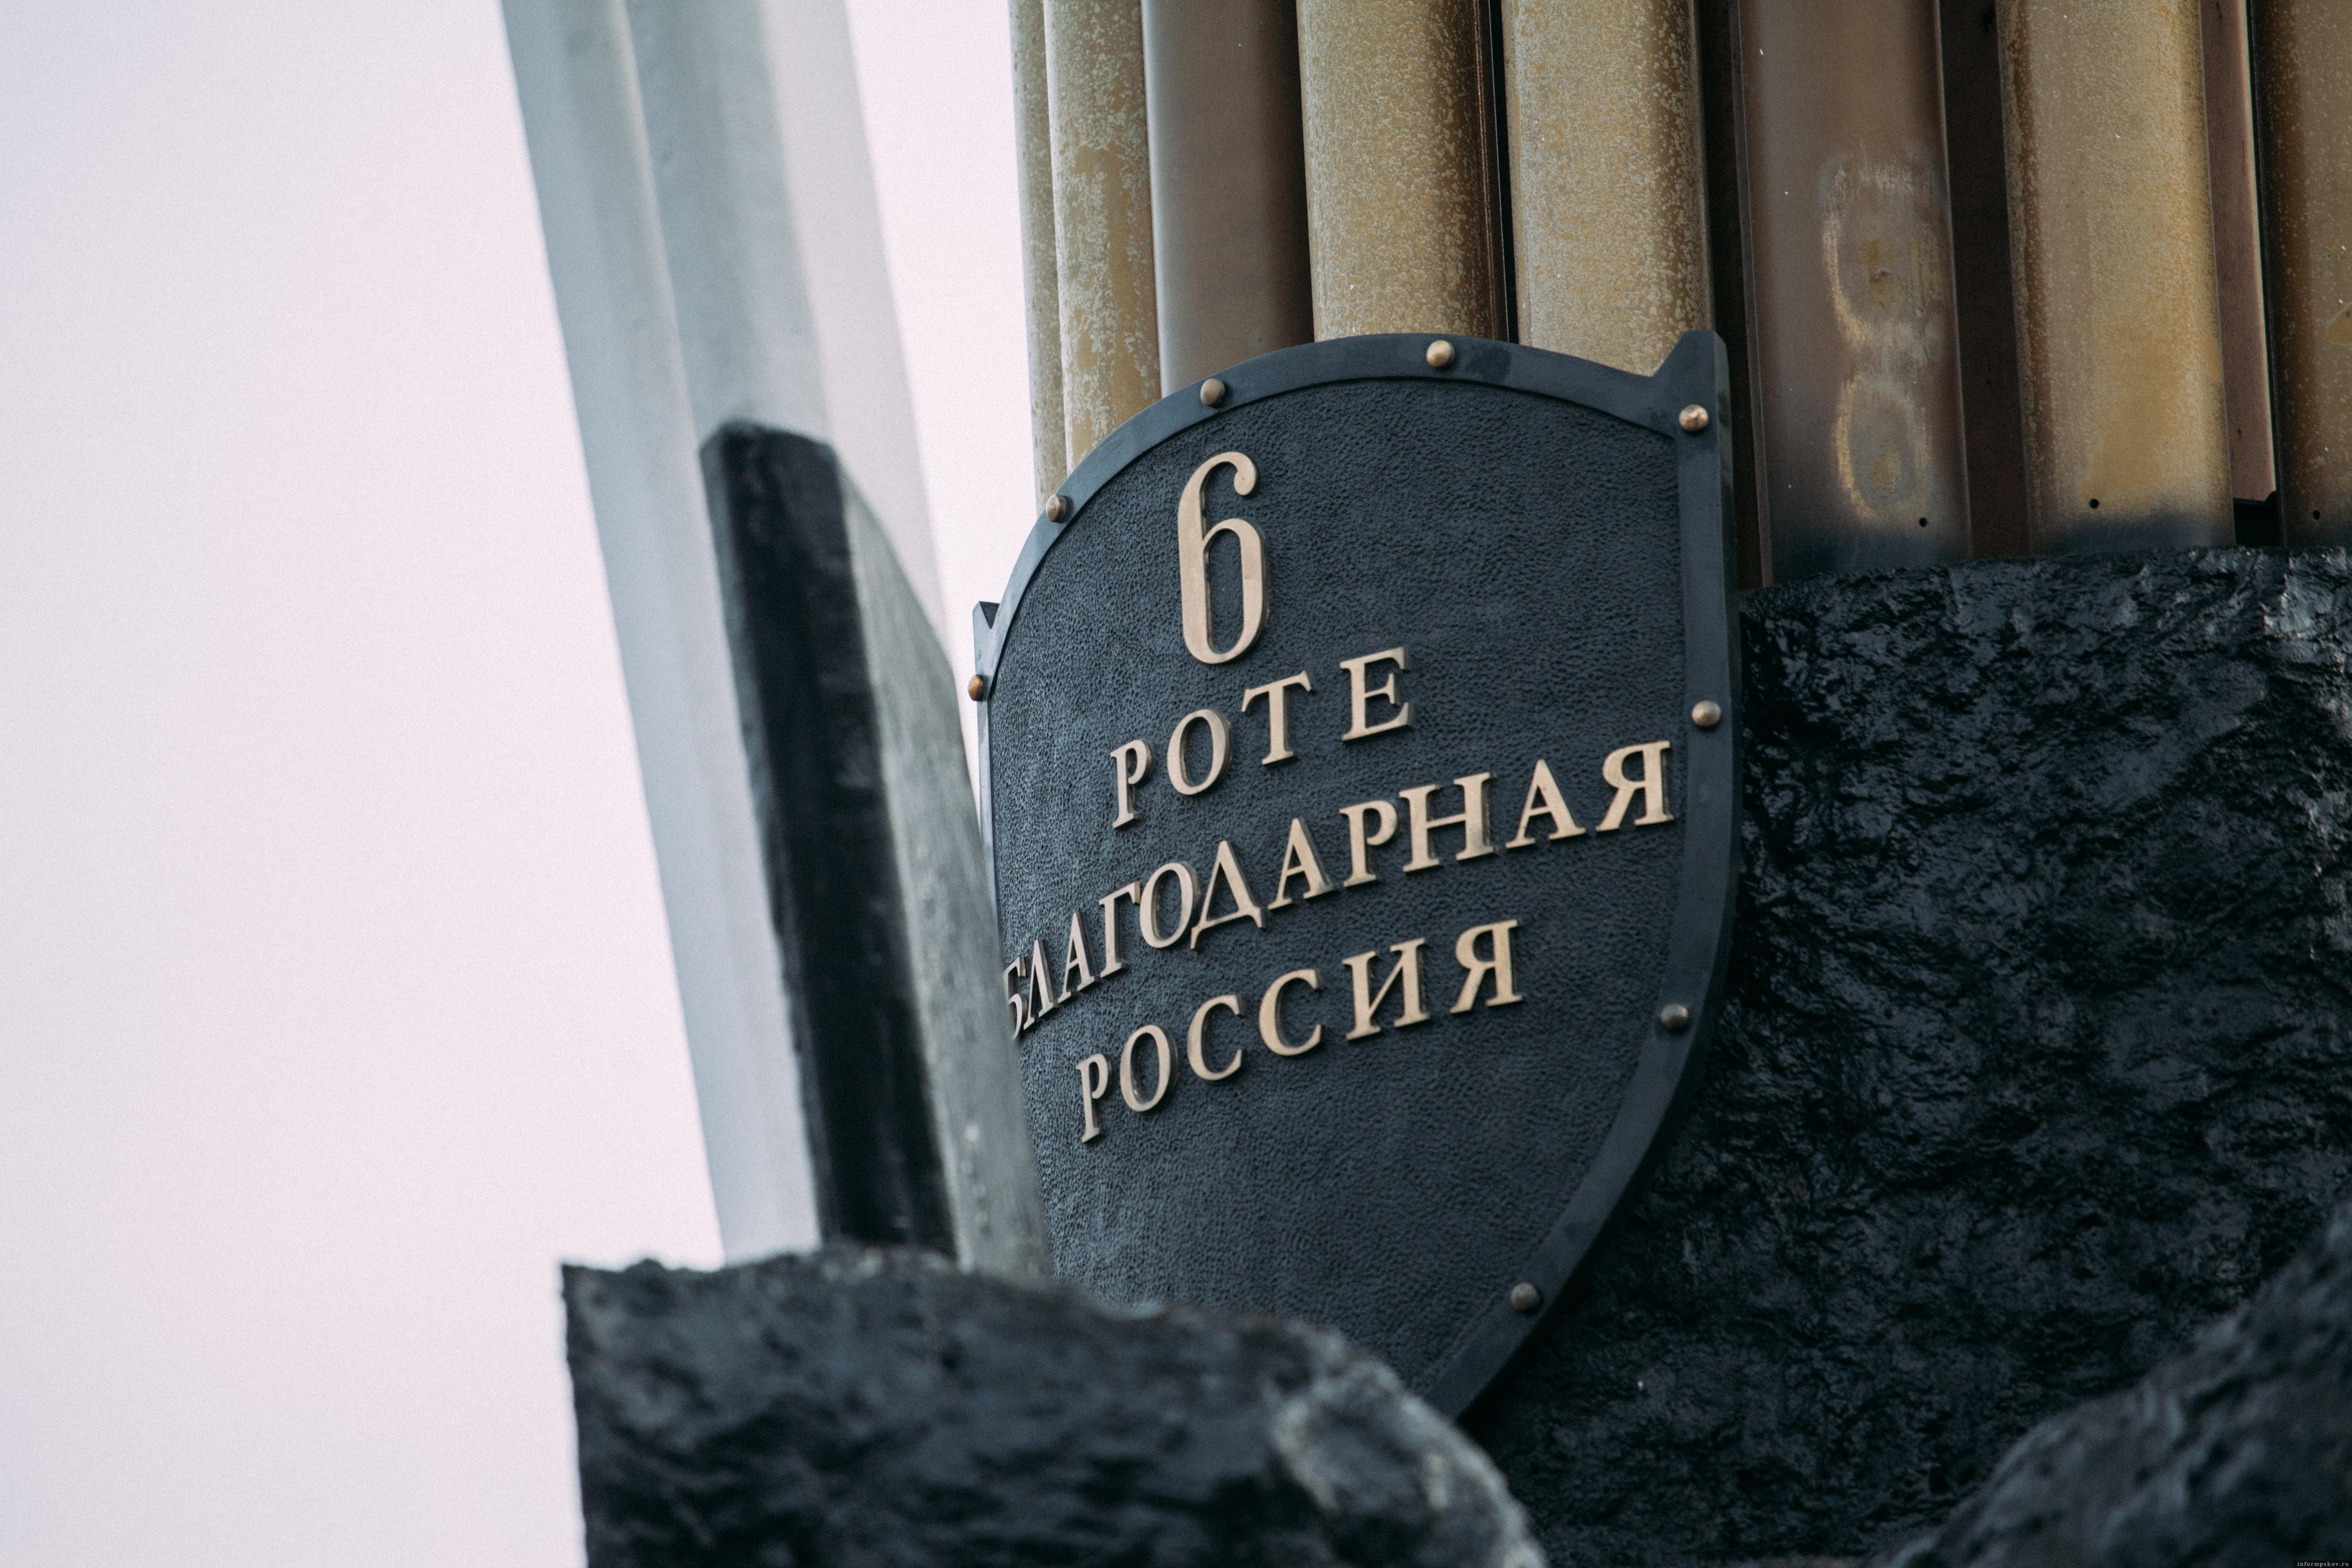 Фото: Александр Сидоренко